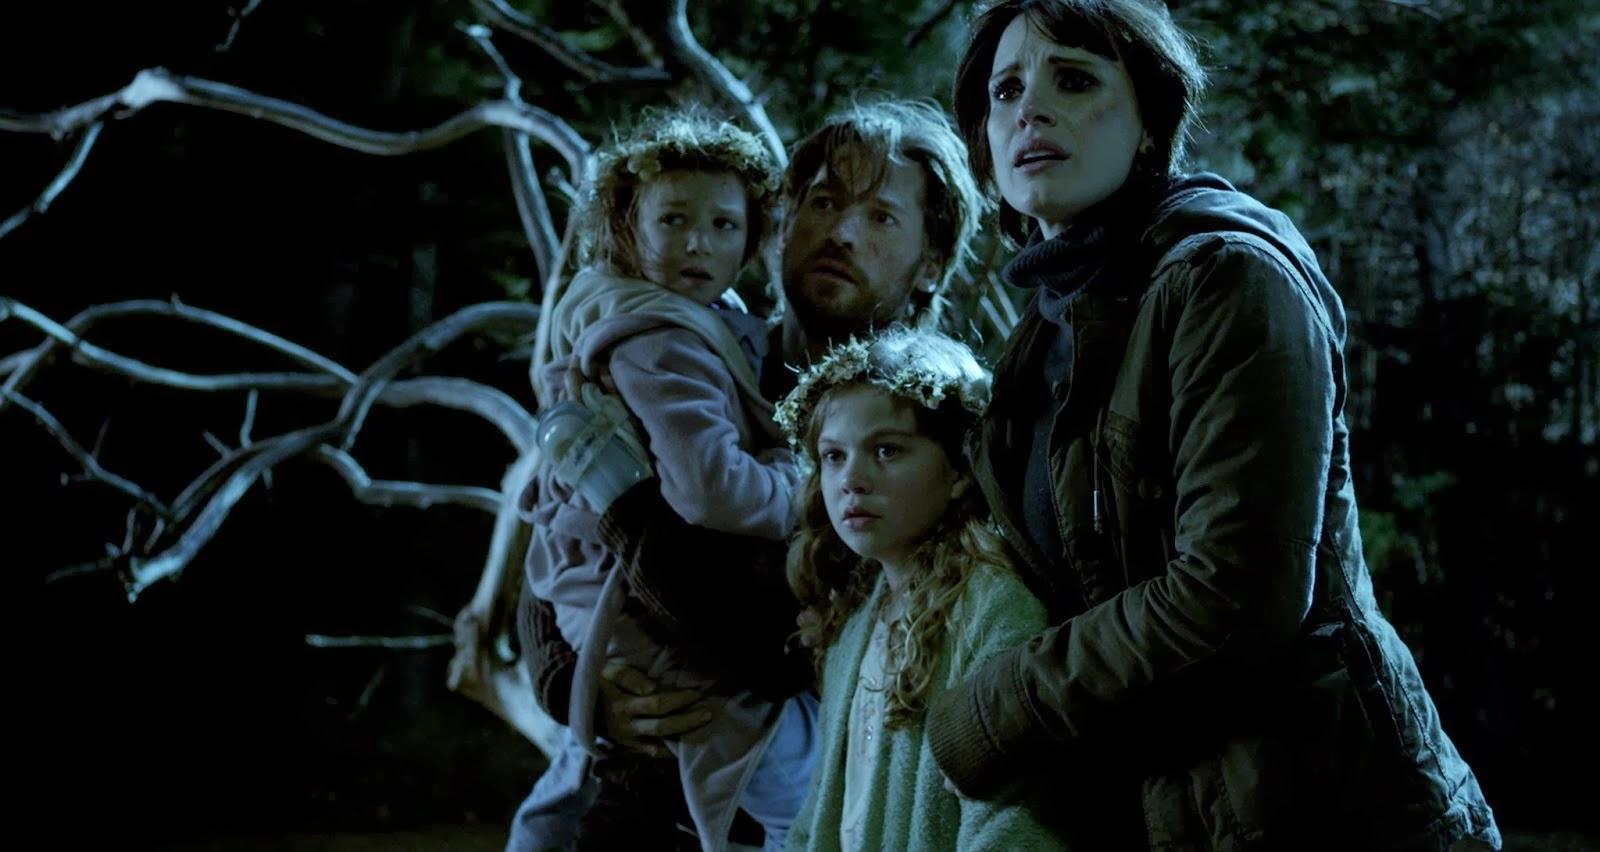 mama 2013, cute movie, scary movie